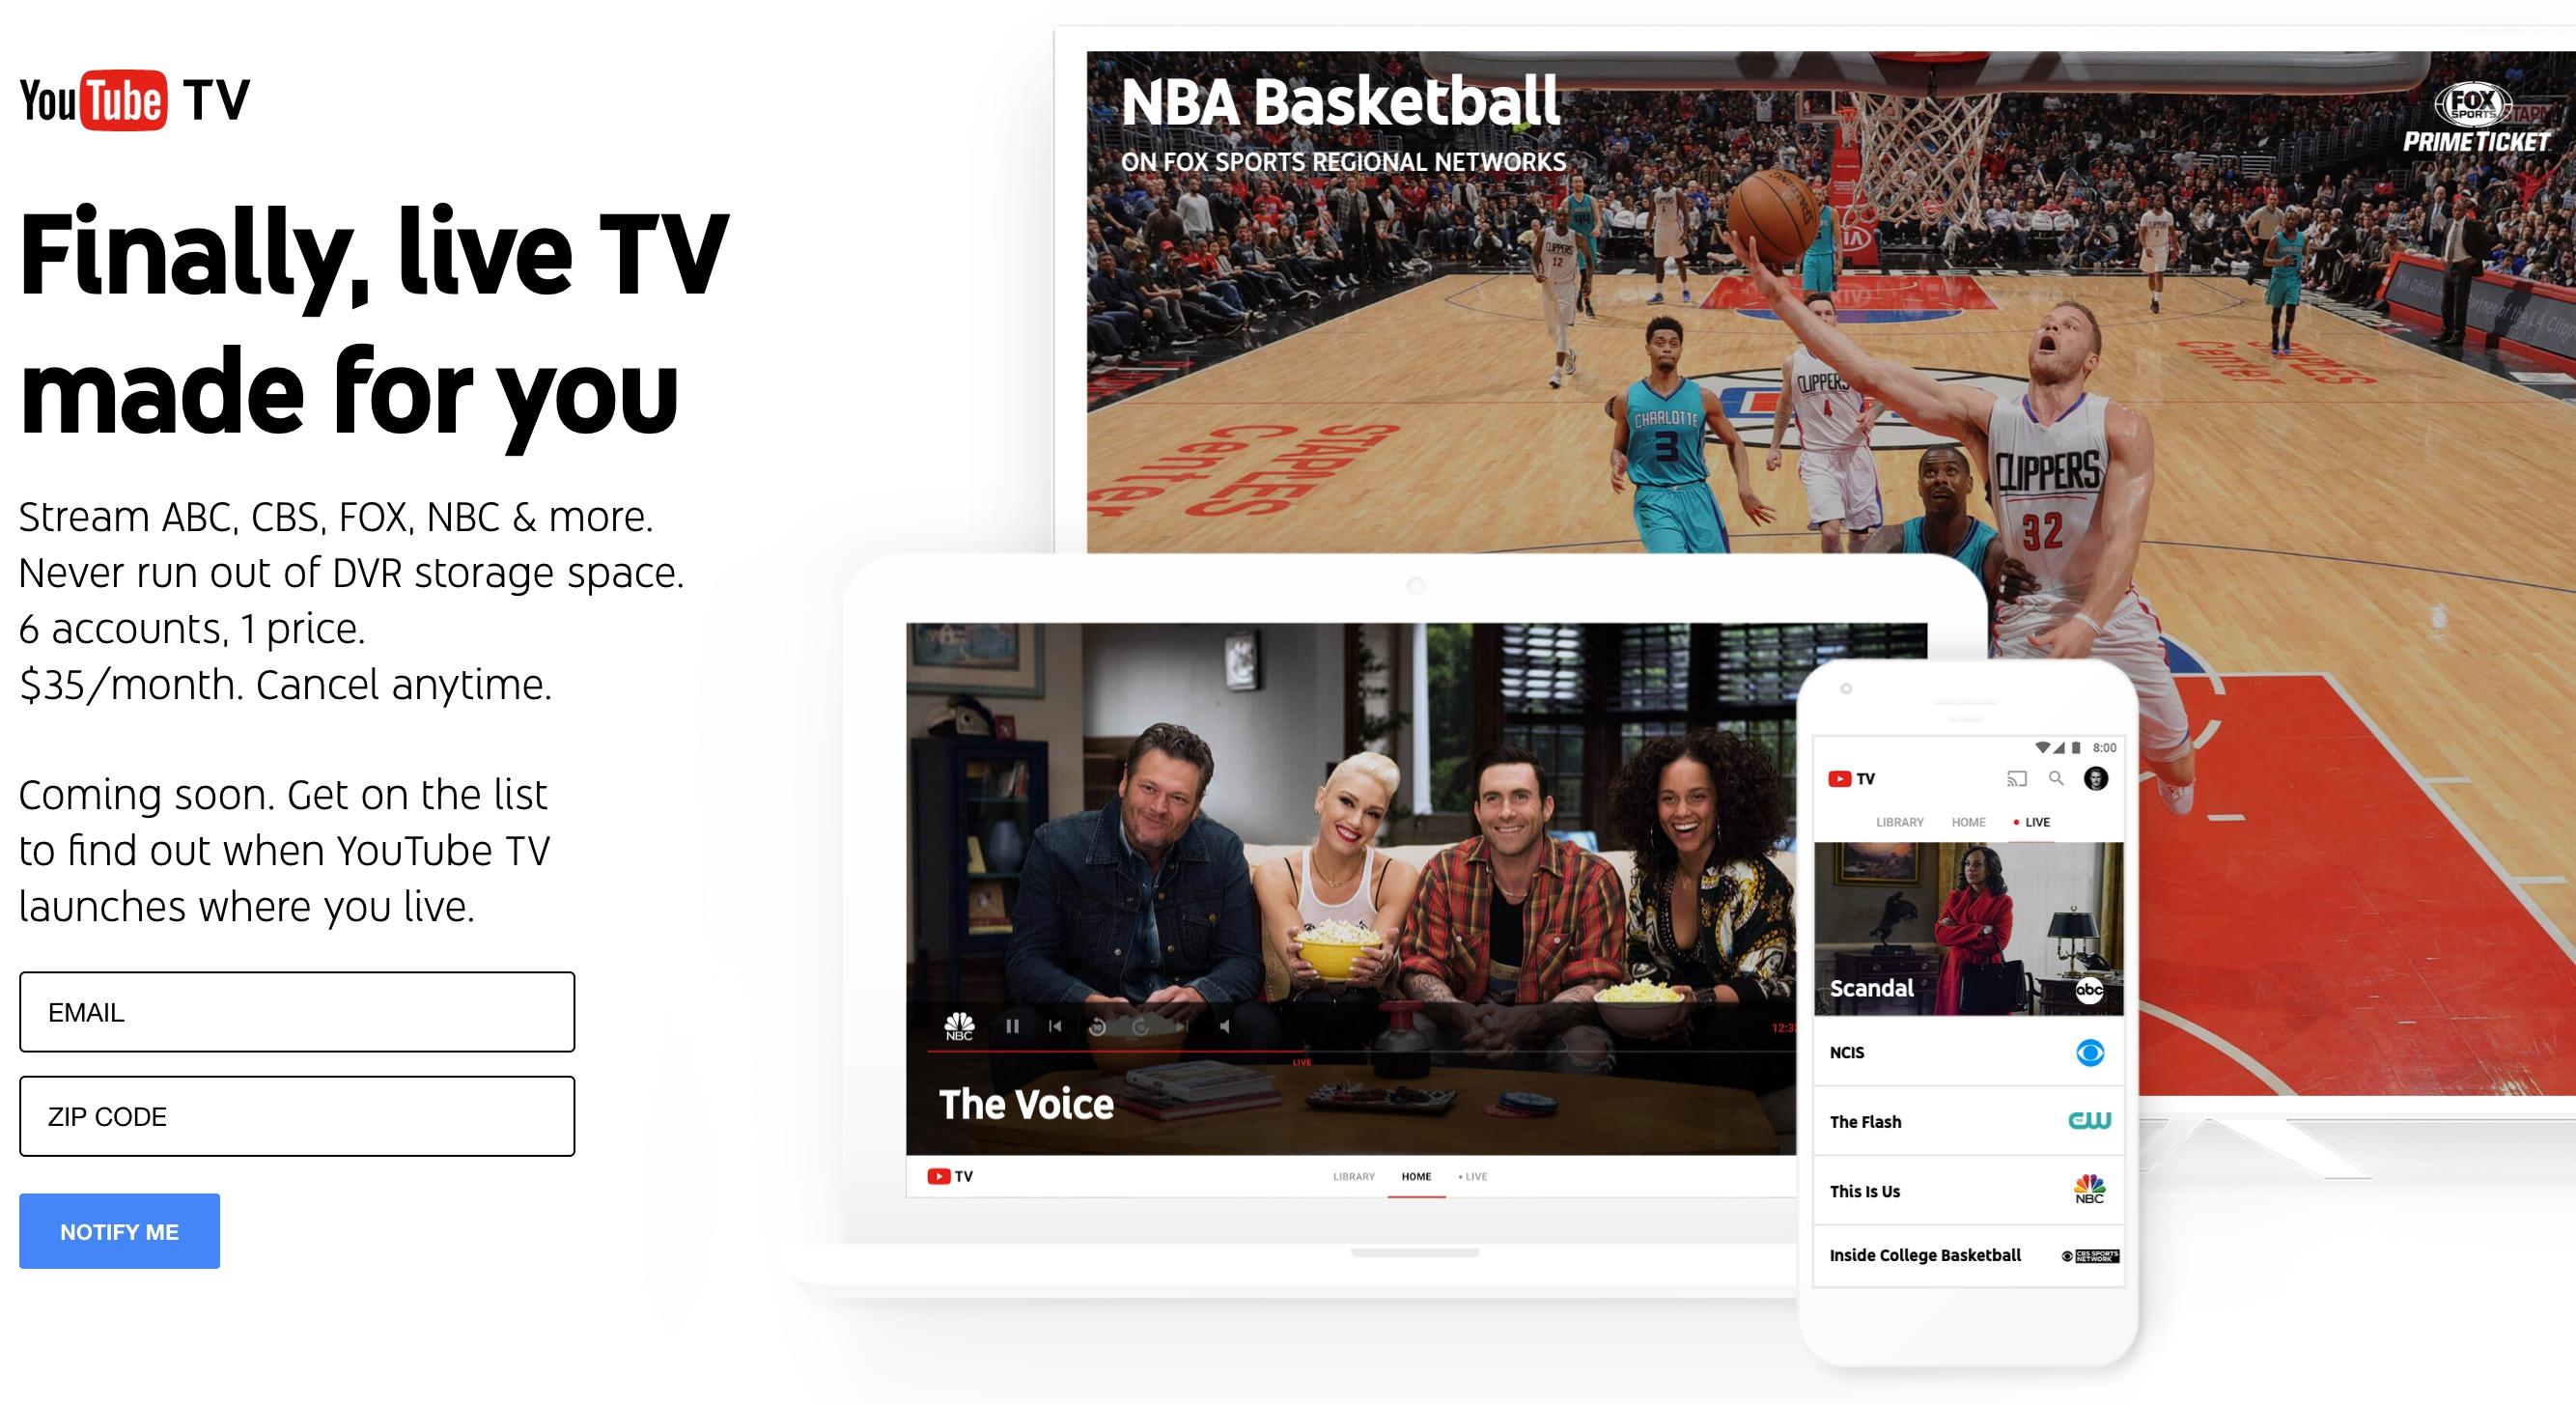 Googleが発表したYouTubeTVがヤバすぎる!もうテレビもハードディスクもいらなくなるな・・・